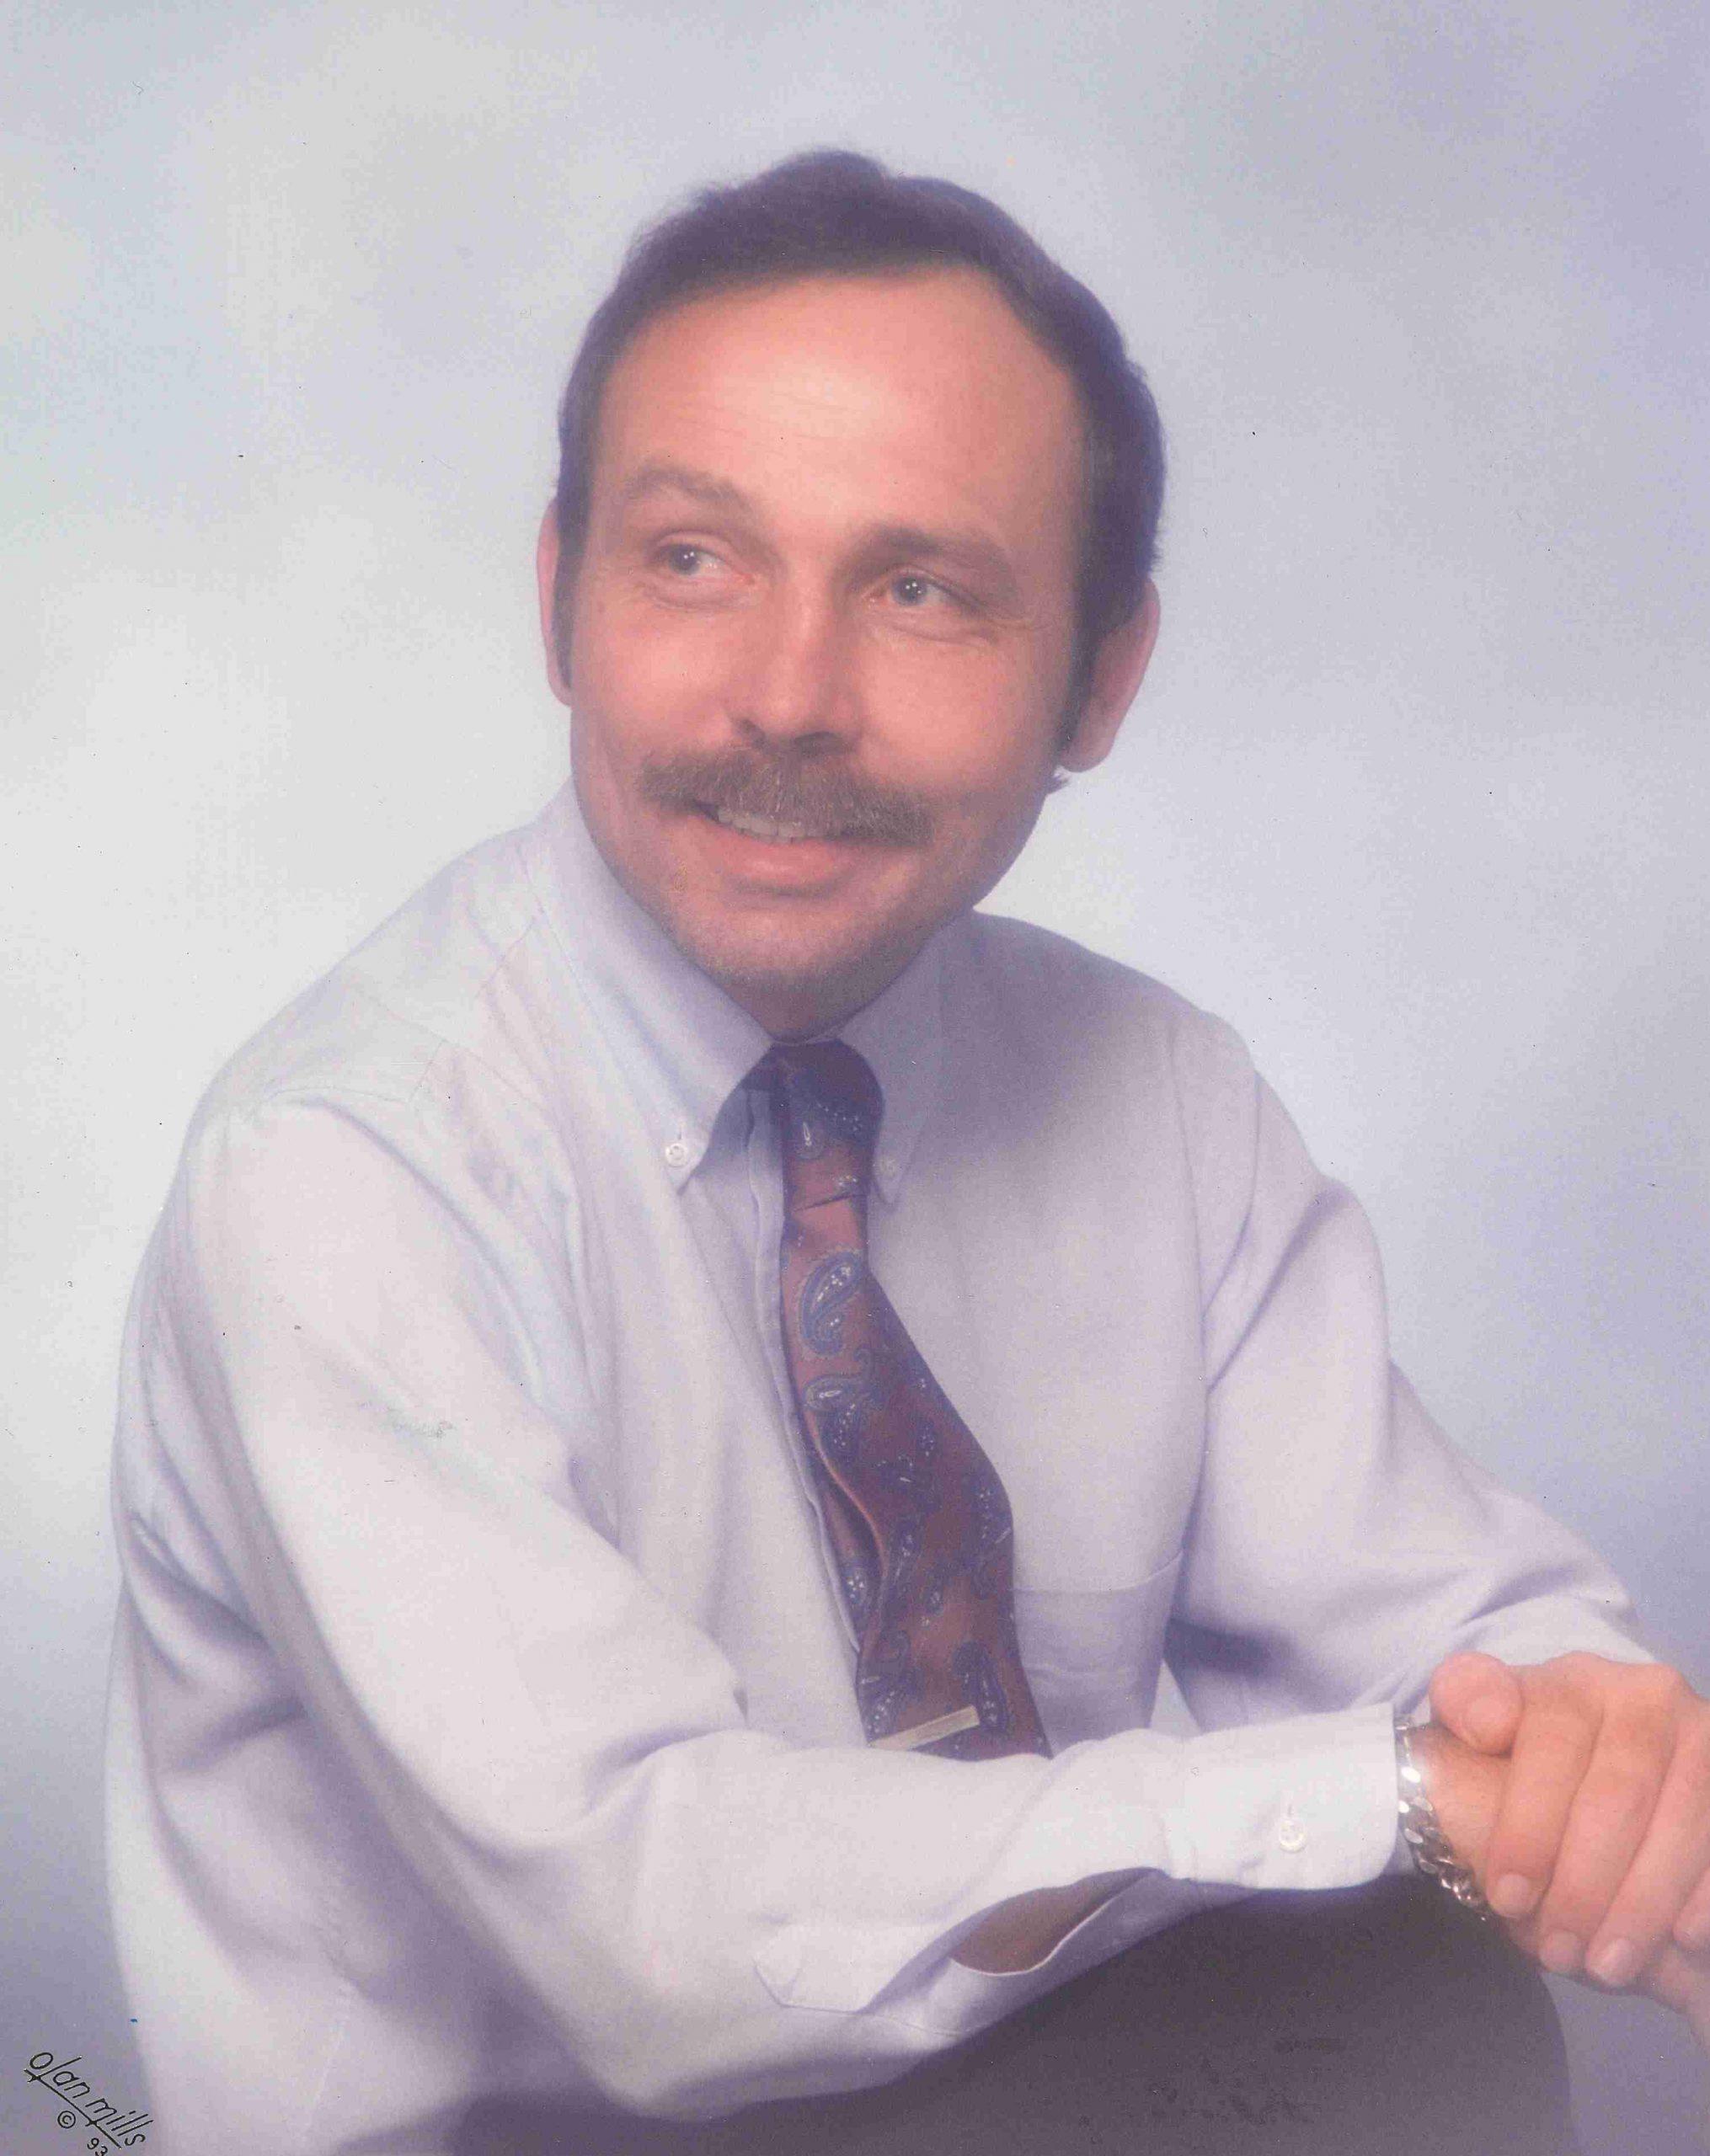 Tullier, Kernan Jr.